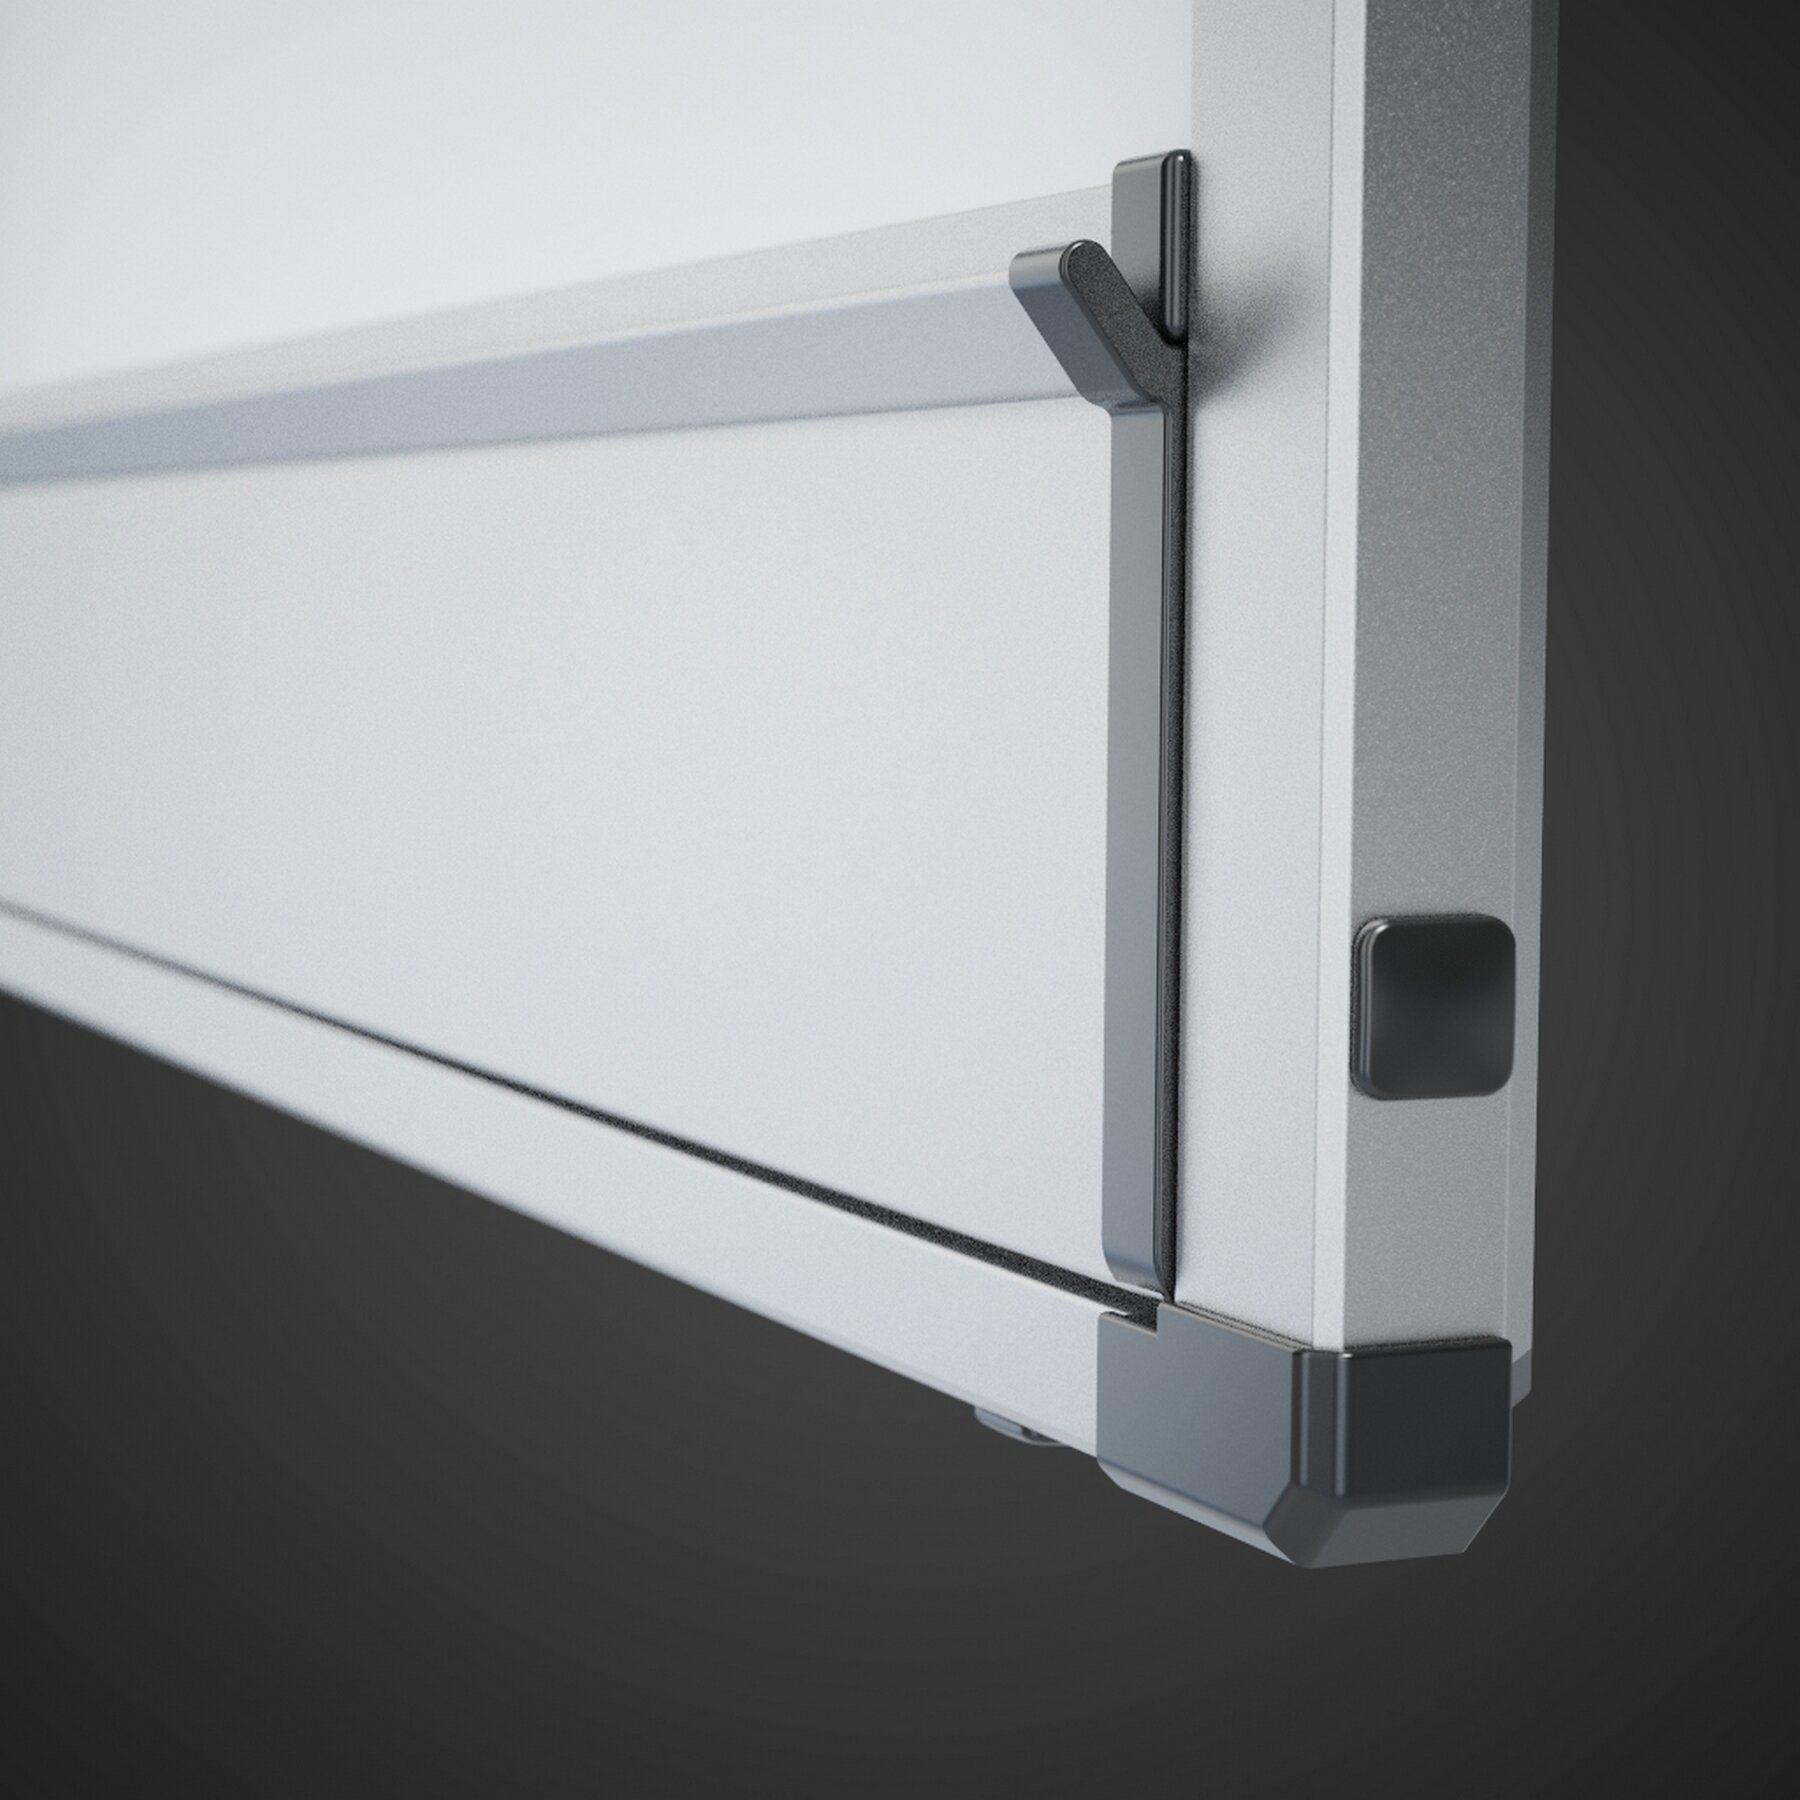 Доска белая магнитная сухостираемая StarBoard 90*120см., алюминиевая рамка, лак 2x3 - фото 3